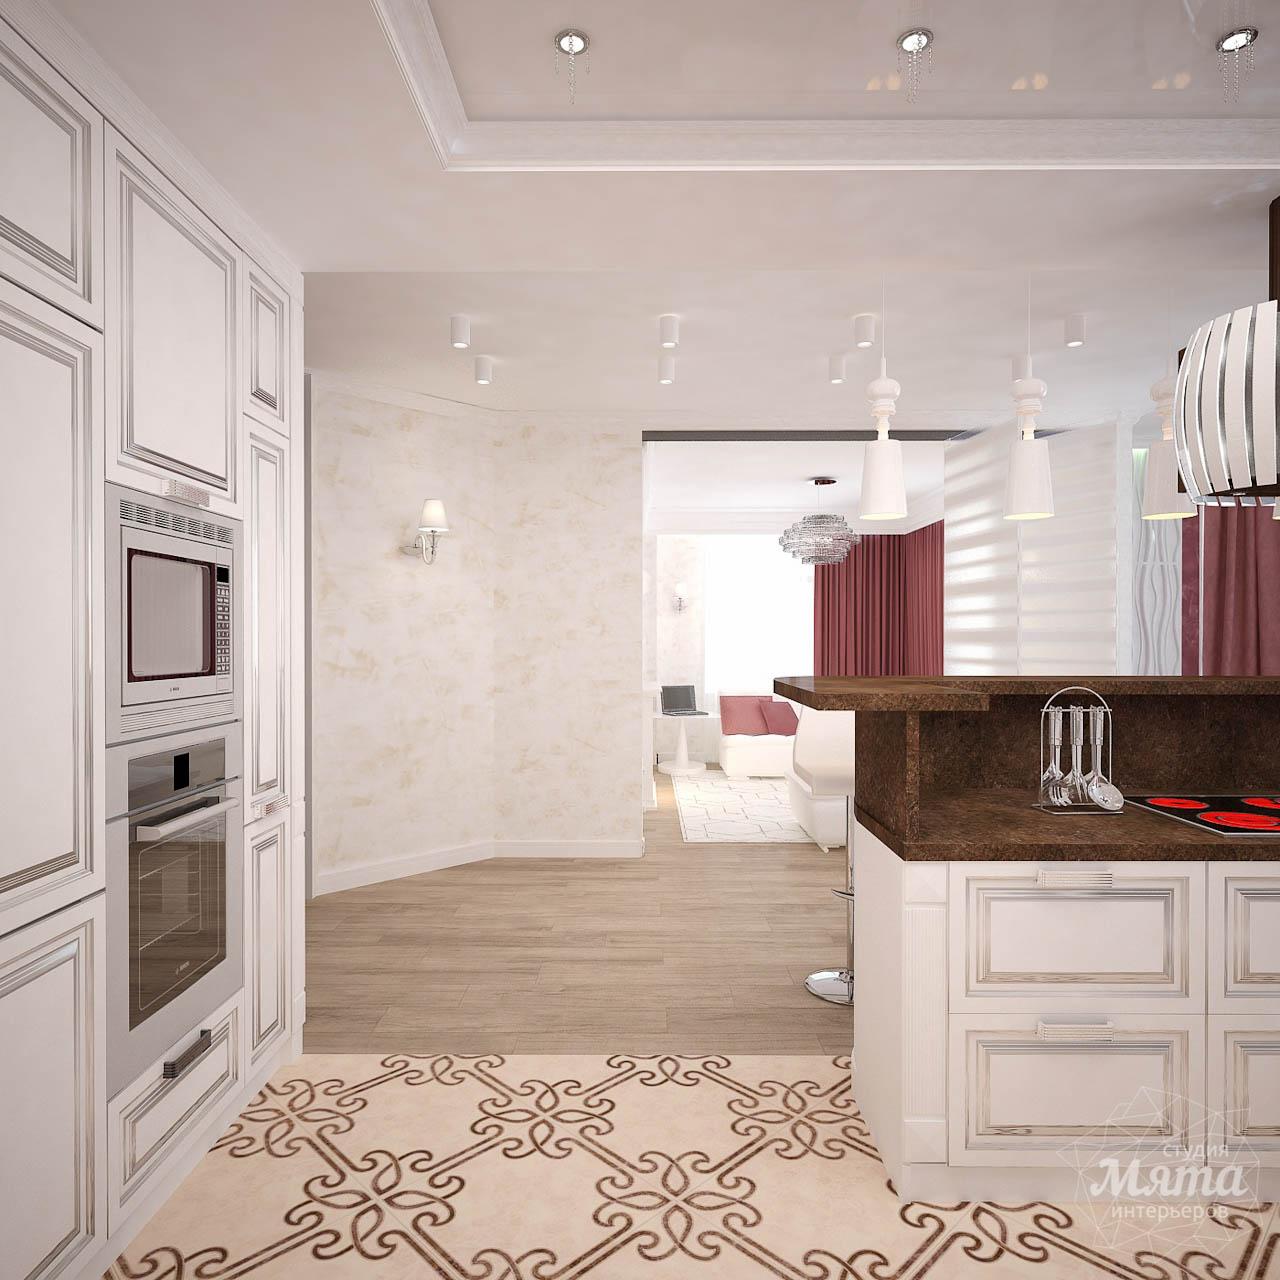 Дизайн интерьера четырехкомнатной квартиры по ул. Шевченко 18 img1950697854